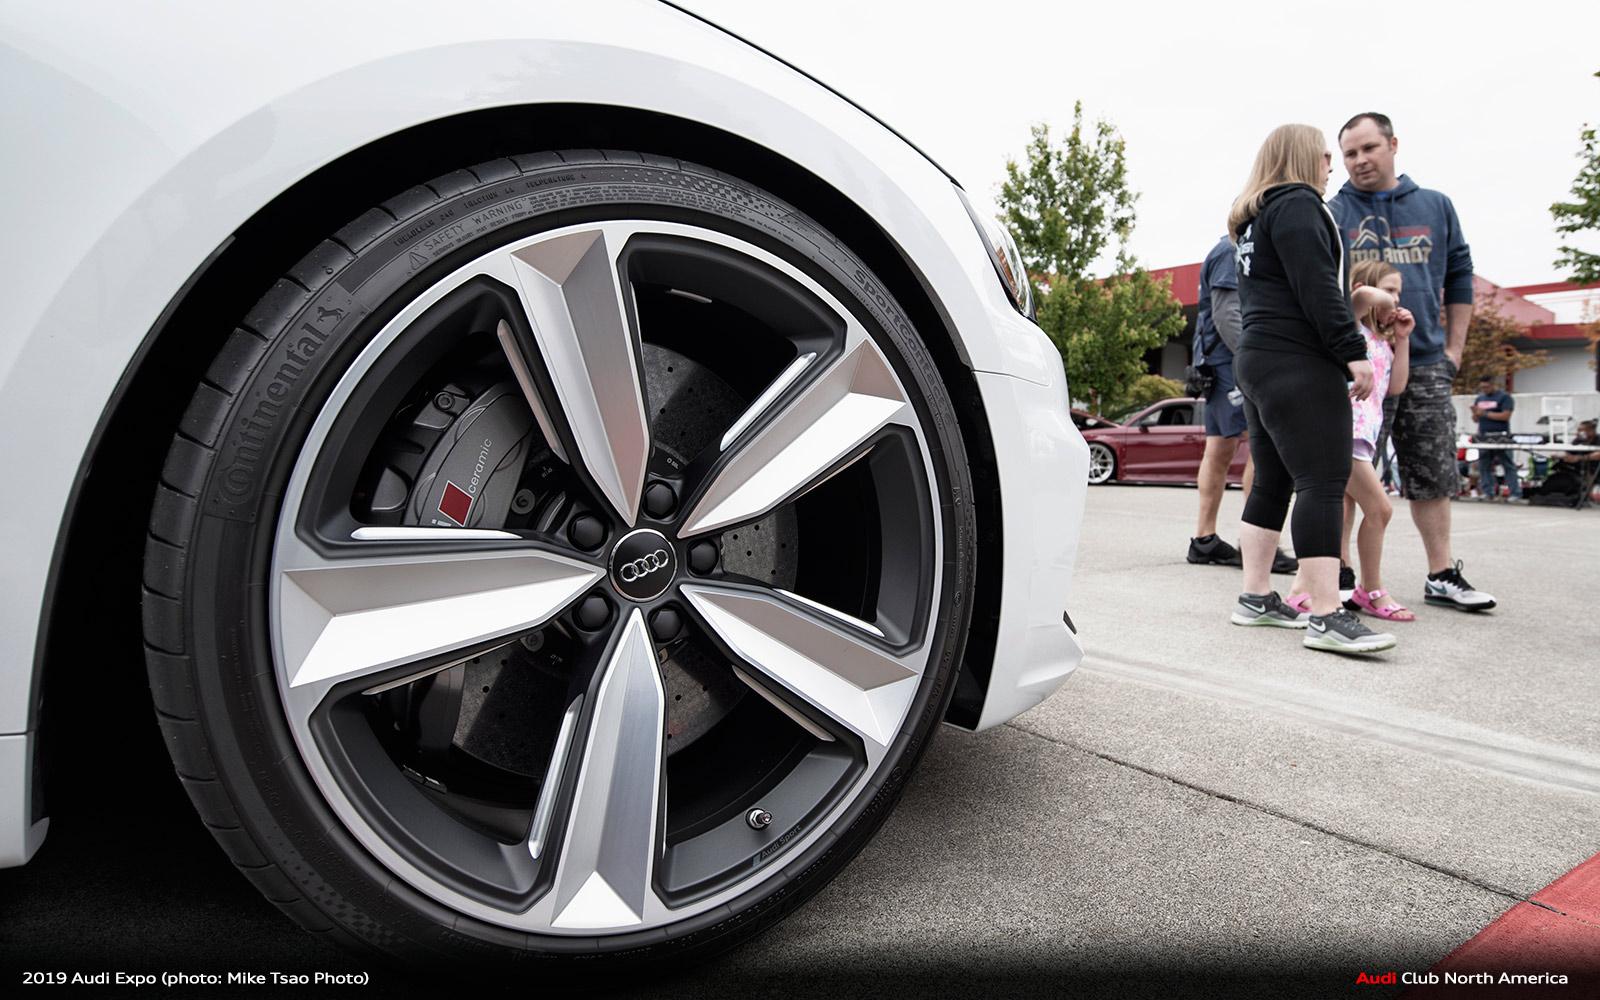 Gallery: Audi Expo 2019